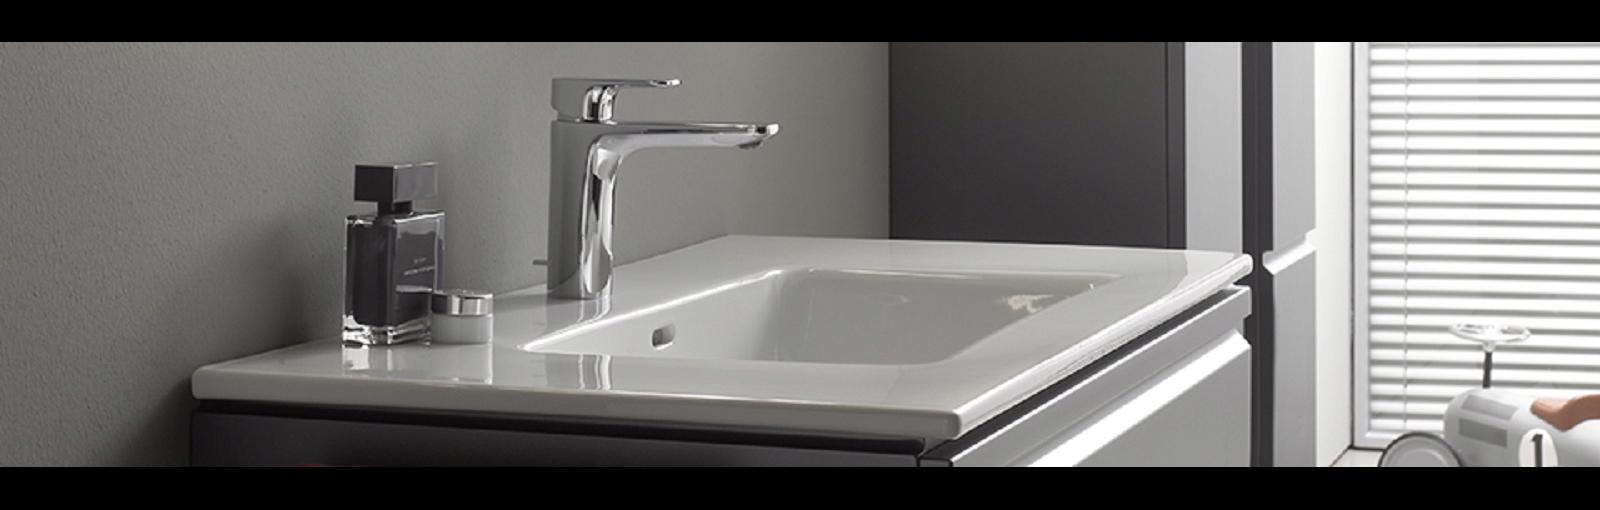 wasser sparen. Black Bedroom Furniture Sets. Home Design Ideas